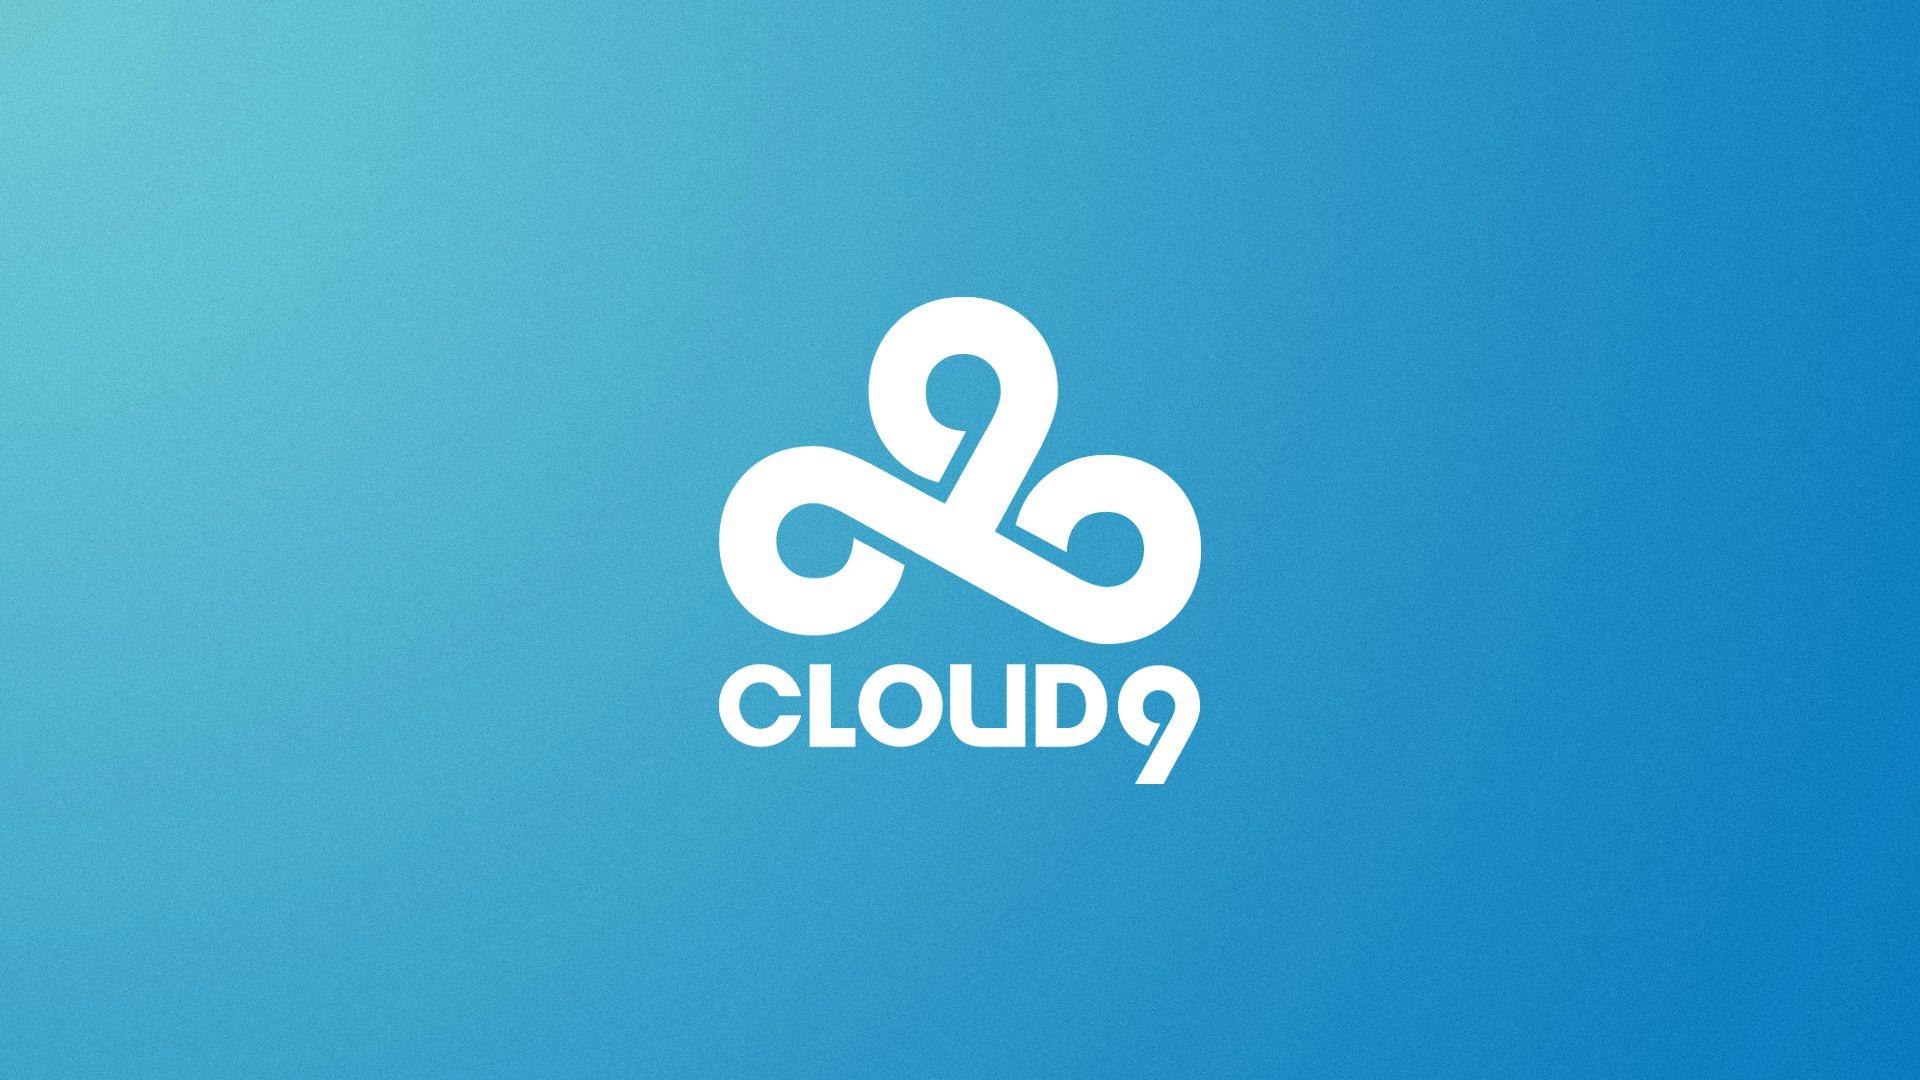 download CSGO Minimalistic Wallpapers Titan Cloud 9 IBP 1920x1080